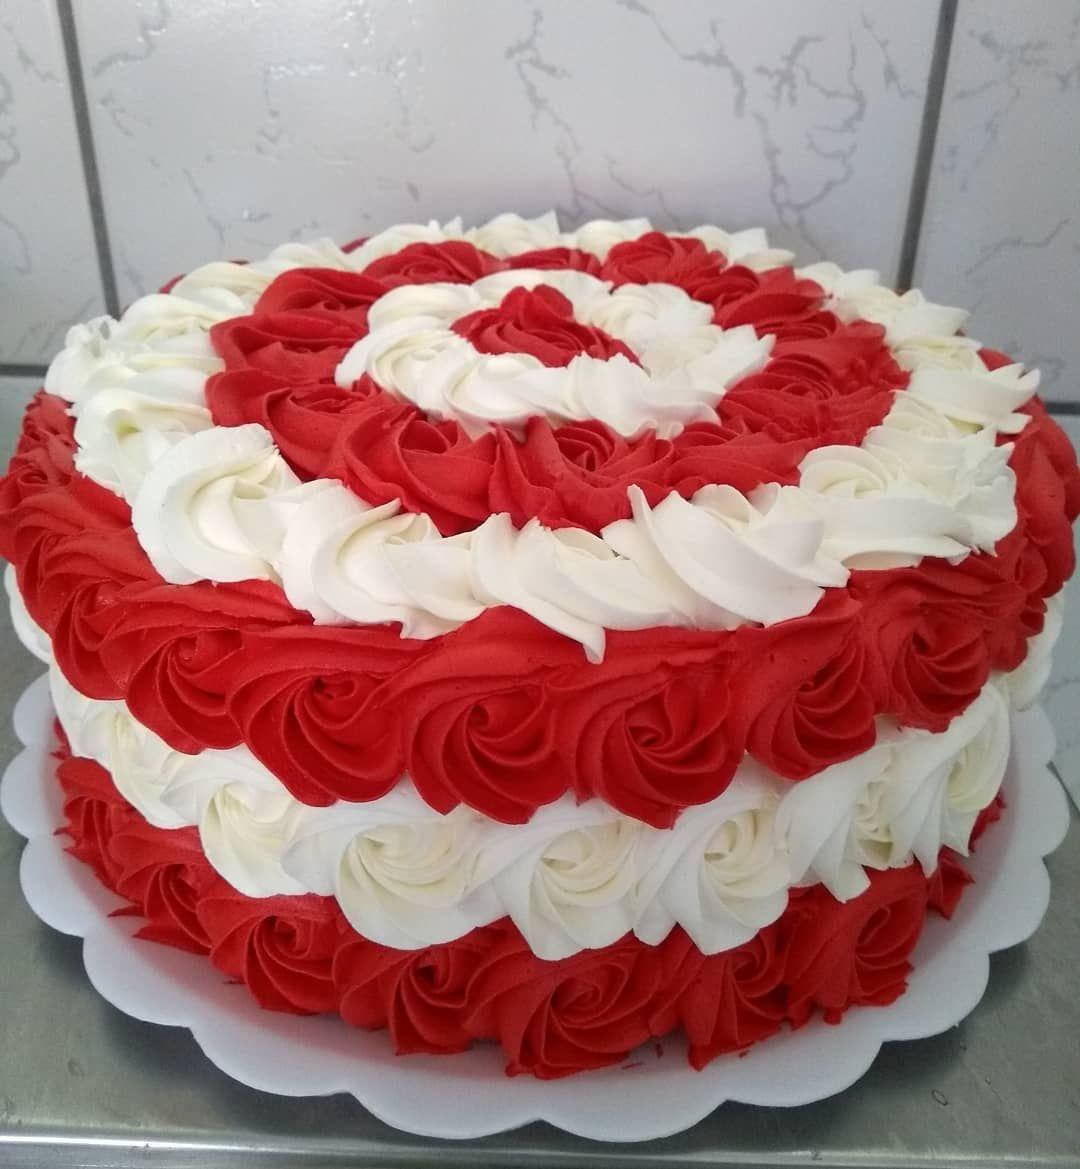 Bolo Vermelho E Branco 80 Modelos Fantasticos Confira Bolo